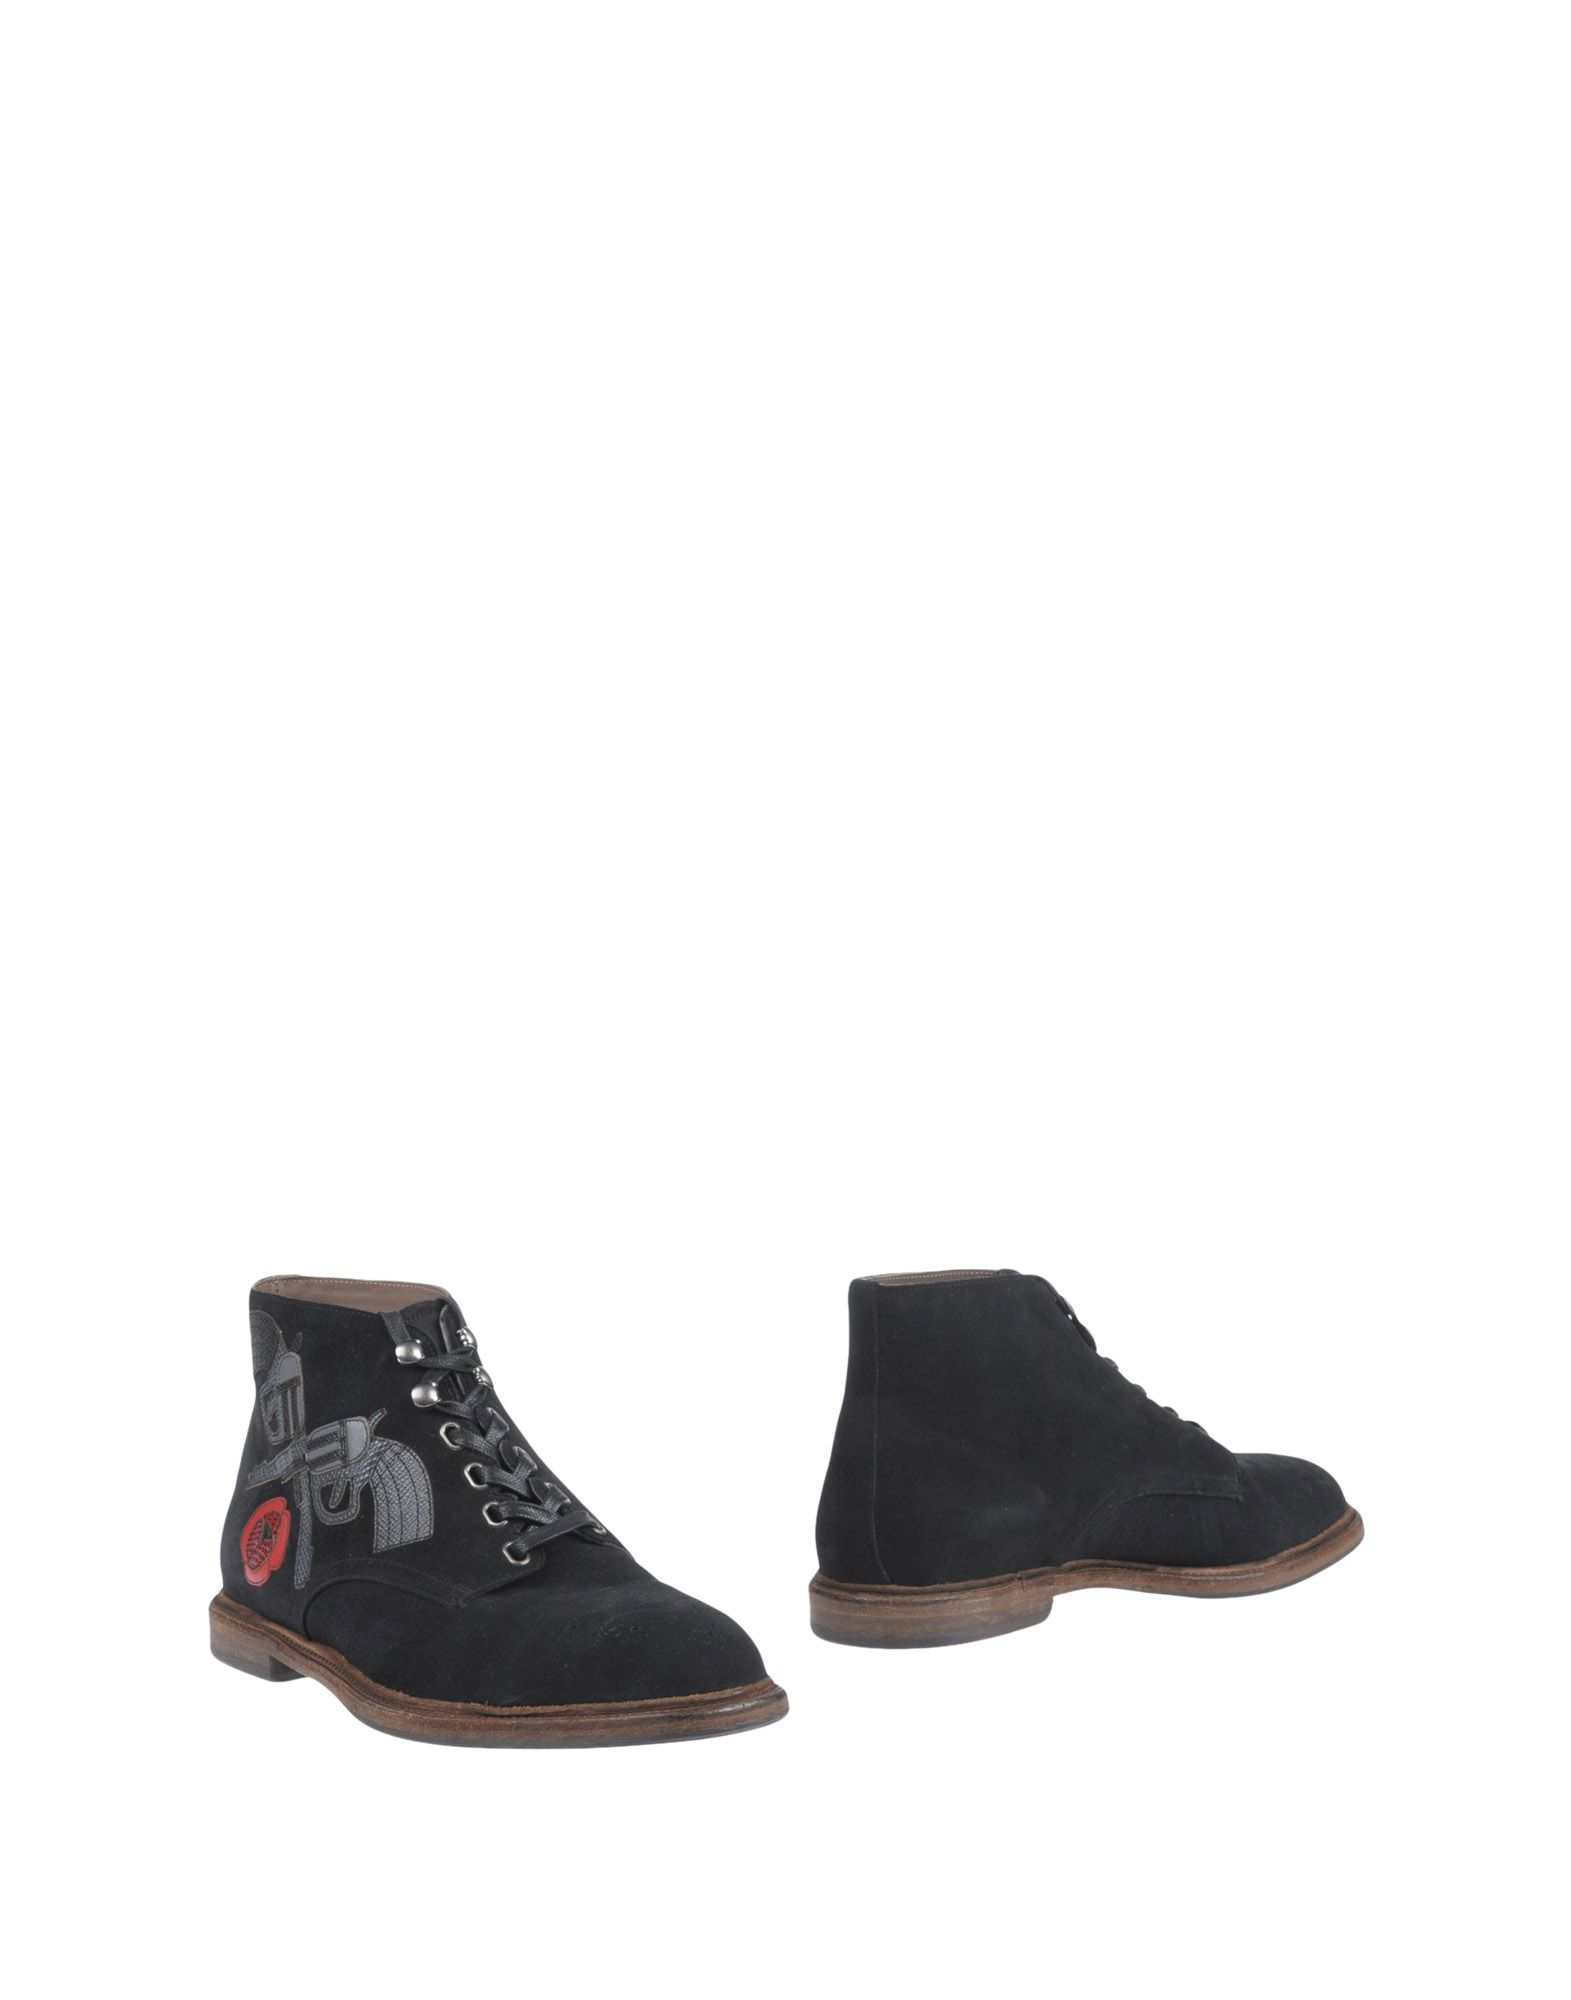 Dolce & Gabbana Qualität Stiefelette Herren  11365745HM Gute Qualität Gabbana beliebte Schuhe 2c478e